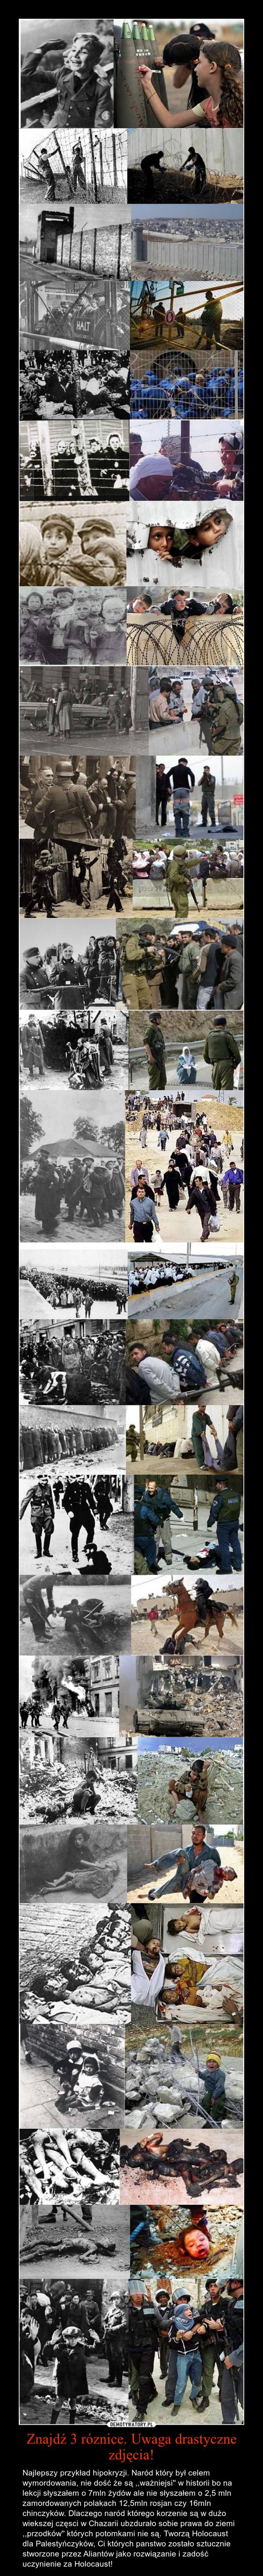 Znajdź 3 róznice. Uwaga drastyczne zdjęcia! – Najlepszy przykład hipokryzji. Naród który był celem wymordowania, nie dość że są ,,ważniejsi'' w historii bo na lekcji słyszałem o 7mln żydów ale nie słyszałem o 2,5 mln zamordowanych polakach 12,5mln rosjan czy 16mln chinczyków. Dlaczego naród którego korzenie są w dużo wiekszej częsci w Chazarii ubzdurało sobie prawa do ziemi ,,przodków'' których potomkami nie są. Tworzą Holocaust dla Palestyńczyków, Ci których panstwo zostało sztucznie stworzone przez Aliantów jako rozwiązanie i zadość uczynienie za Holocaust!